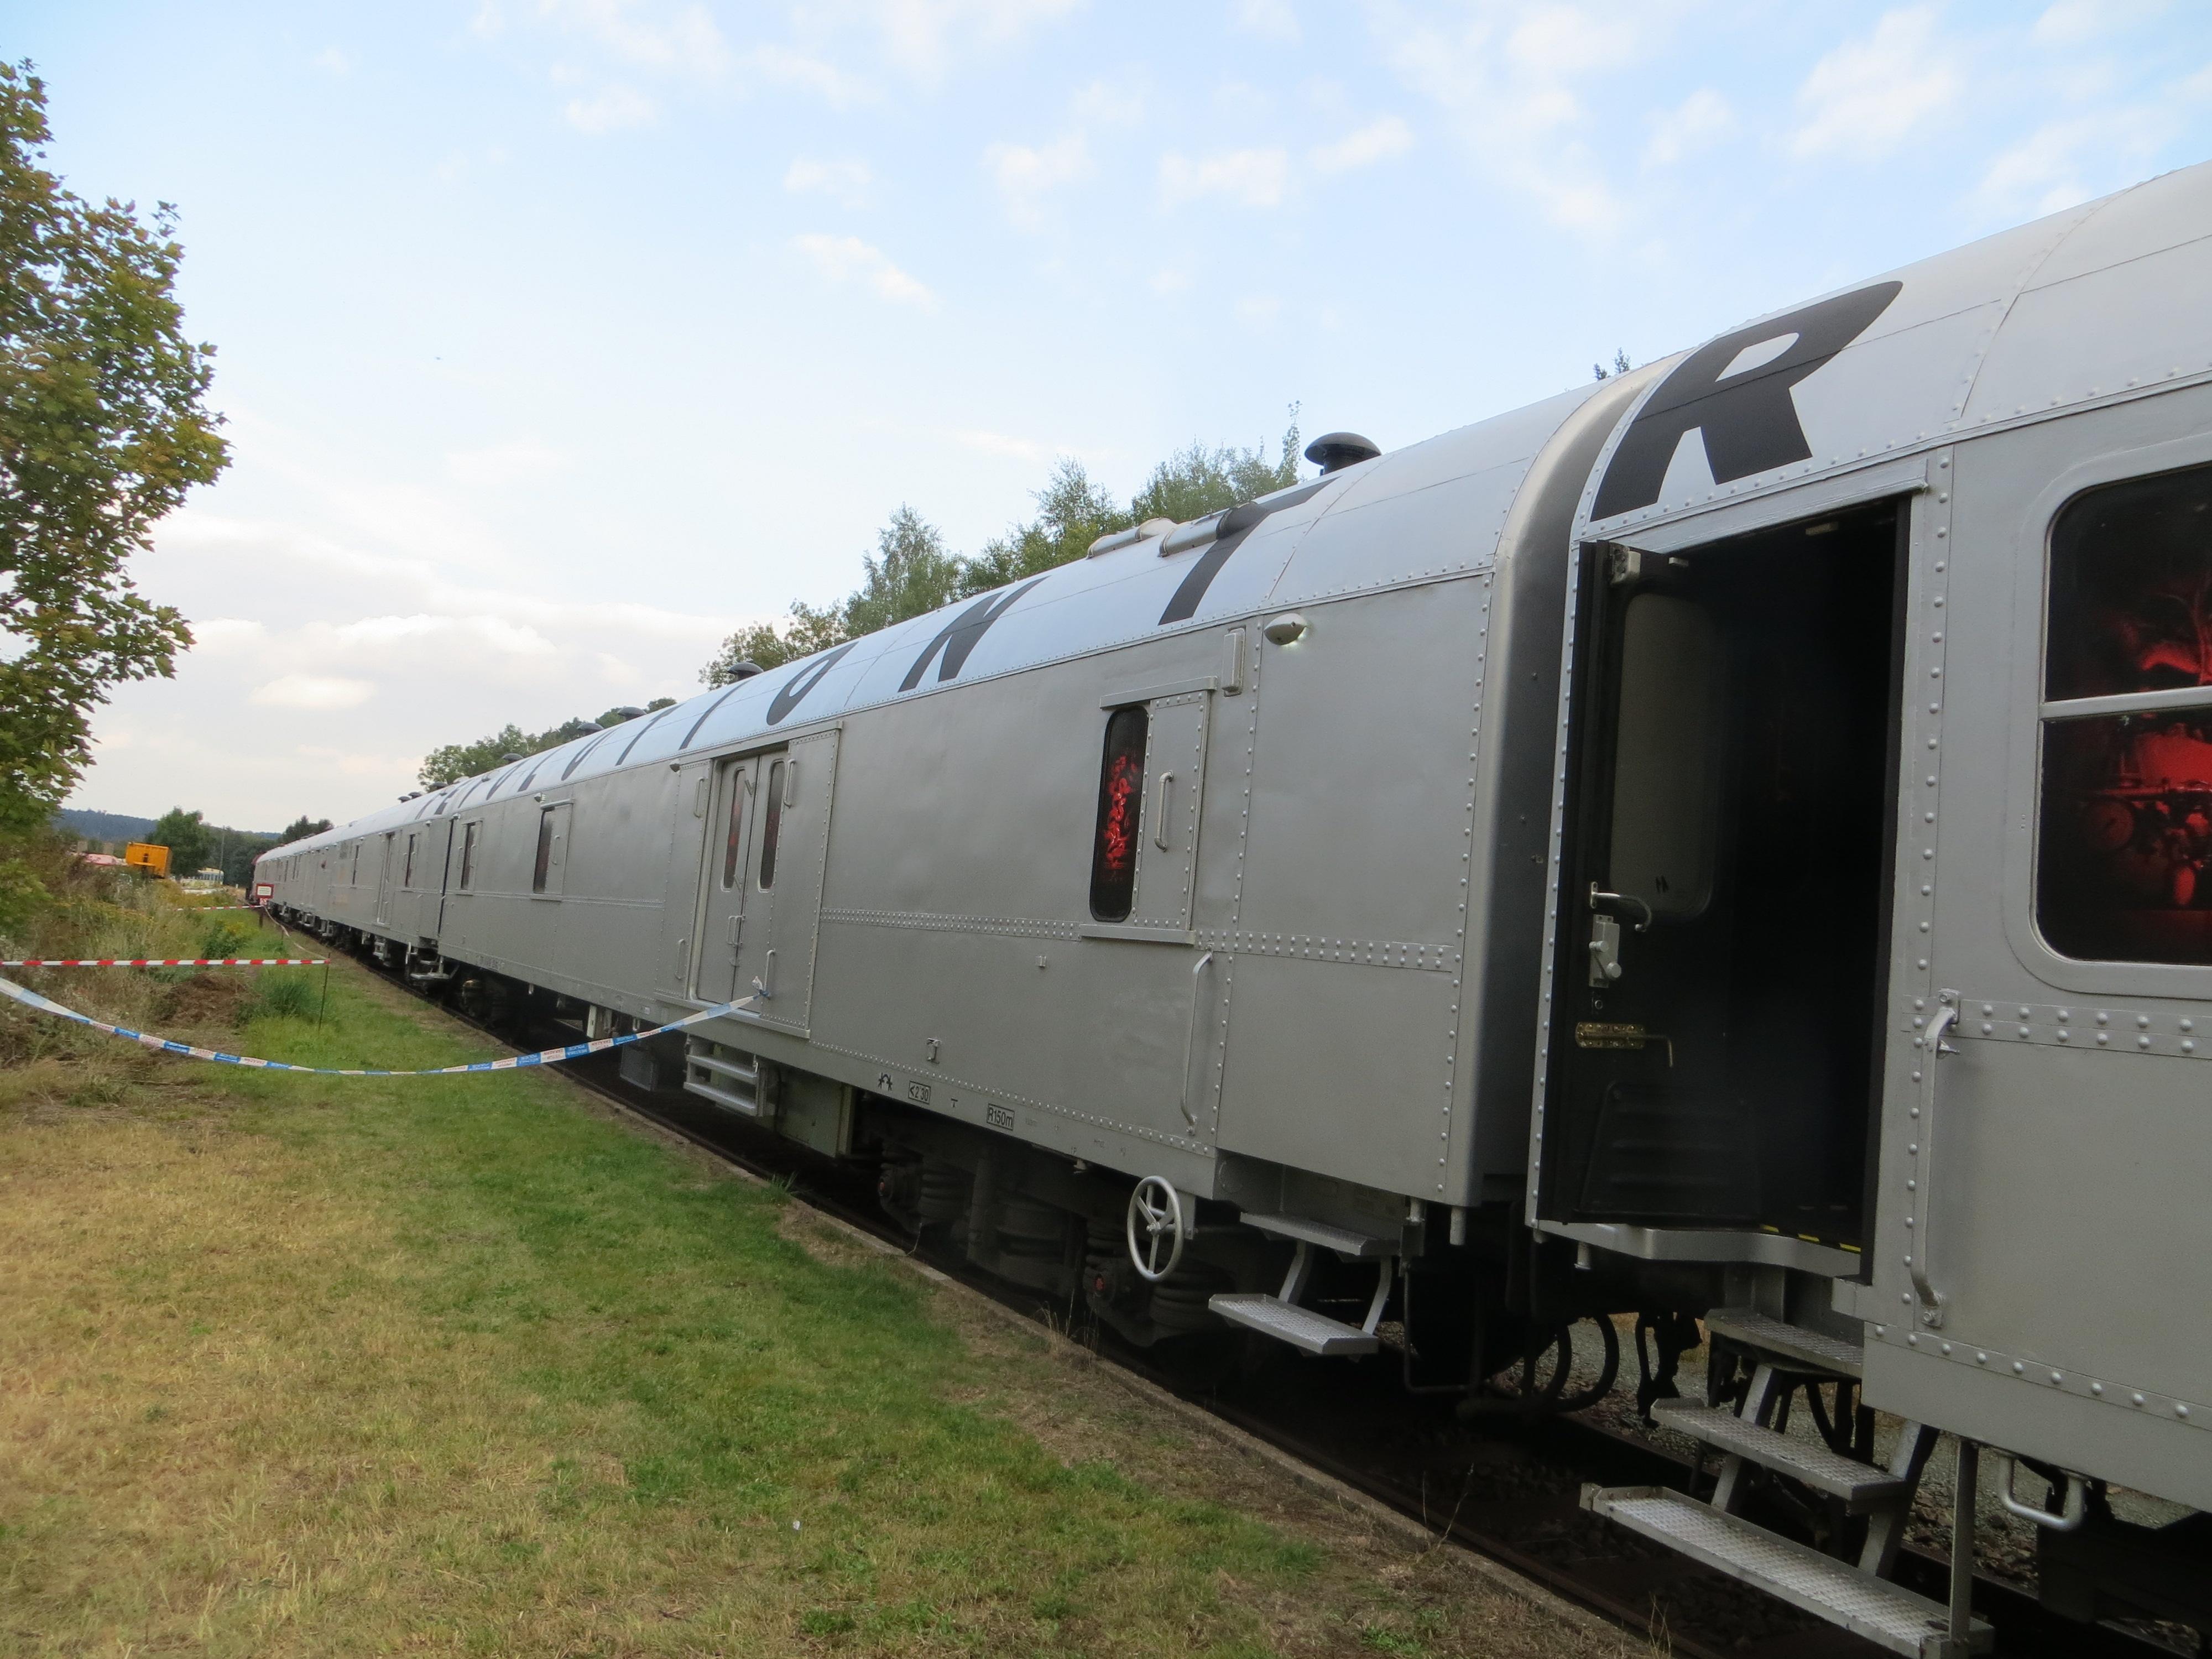 Revolution-Train 2017 (Alexander Pilling (öffentliche Führung))